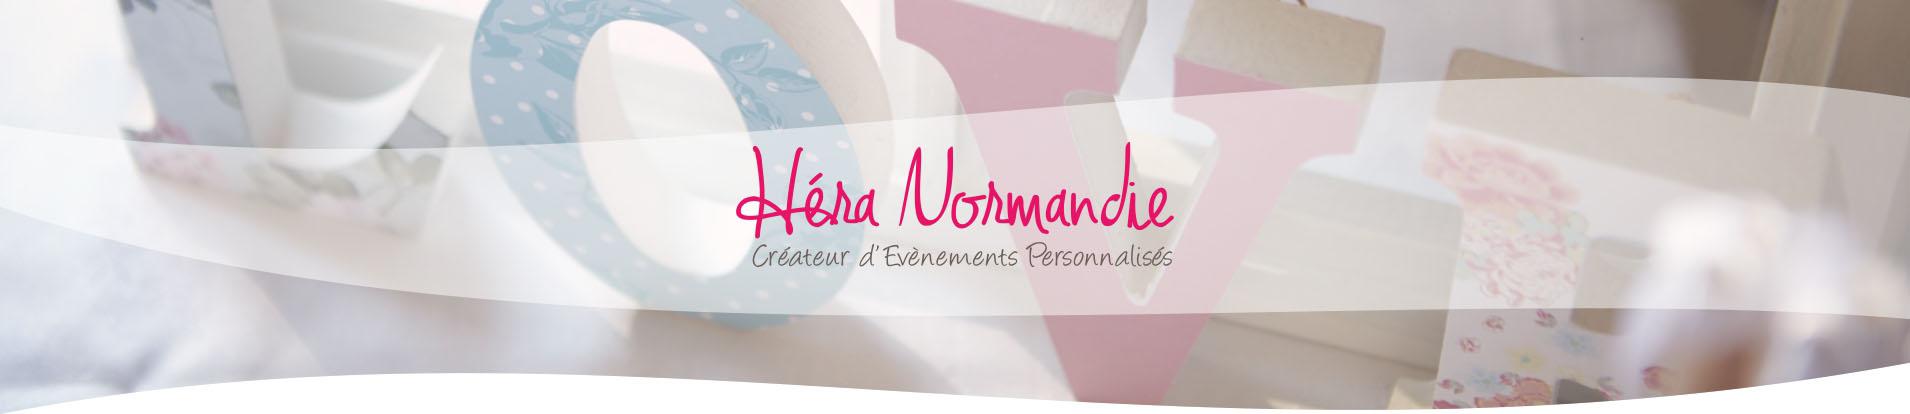 héra normandie évènements, Mariages, wedding planner, fêtes, Caen, lisieux, Calvados, Orne, Eure